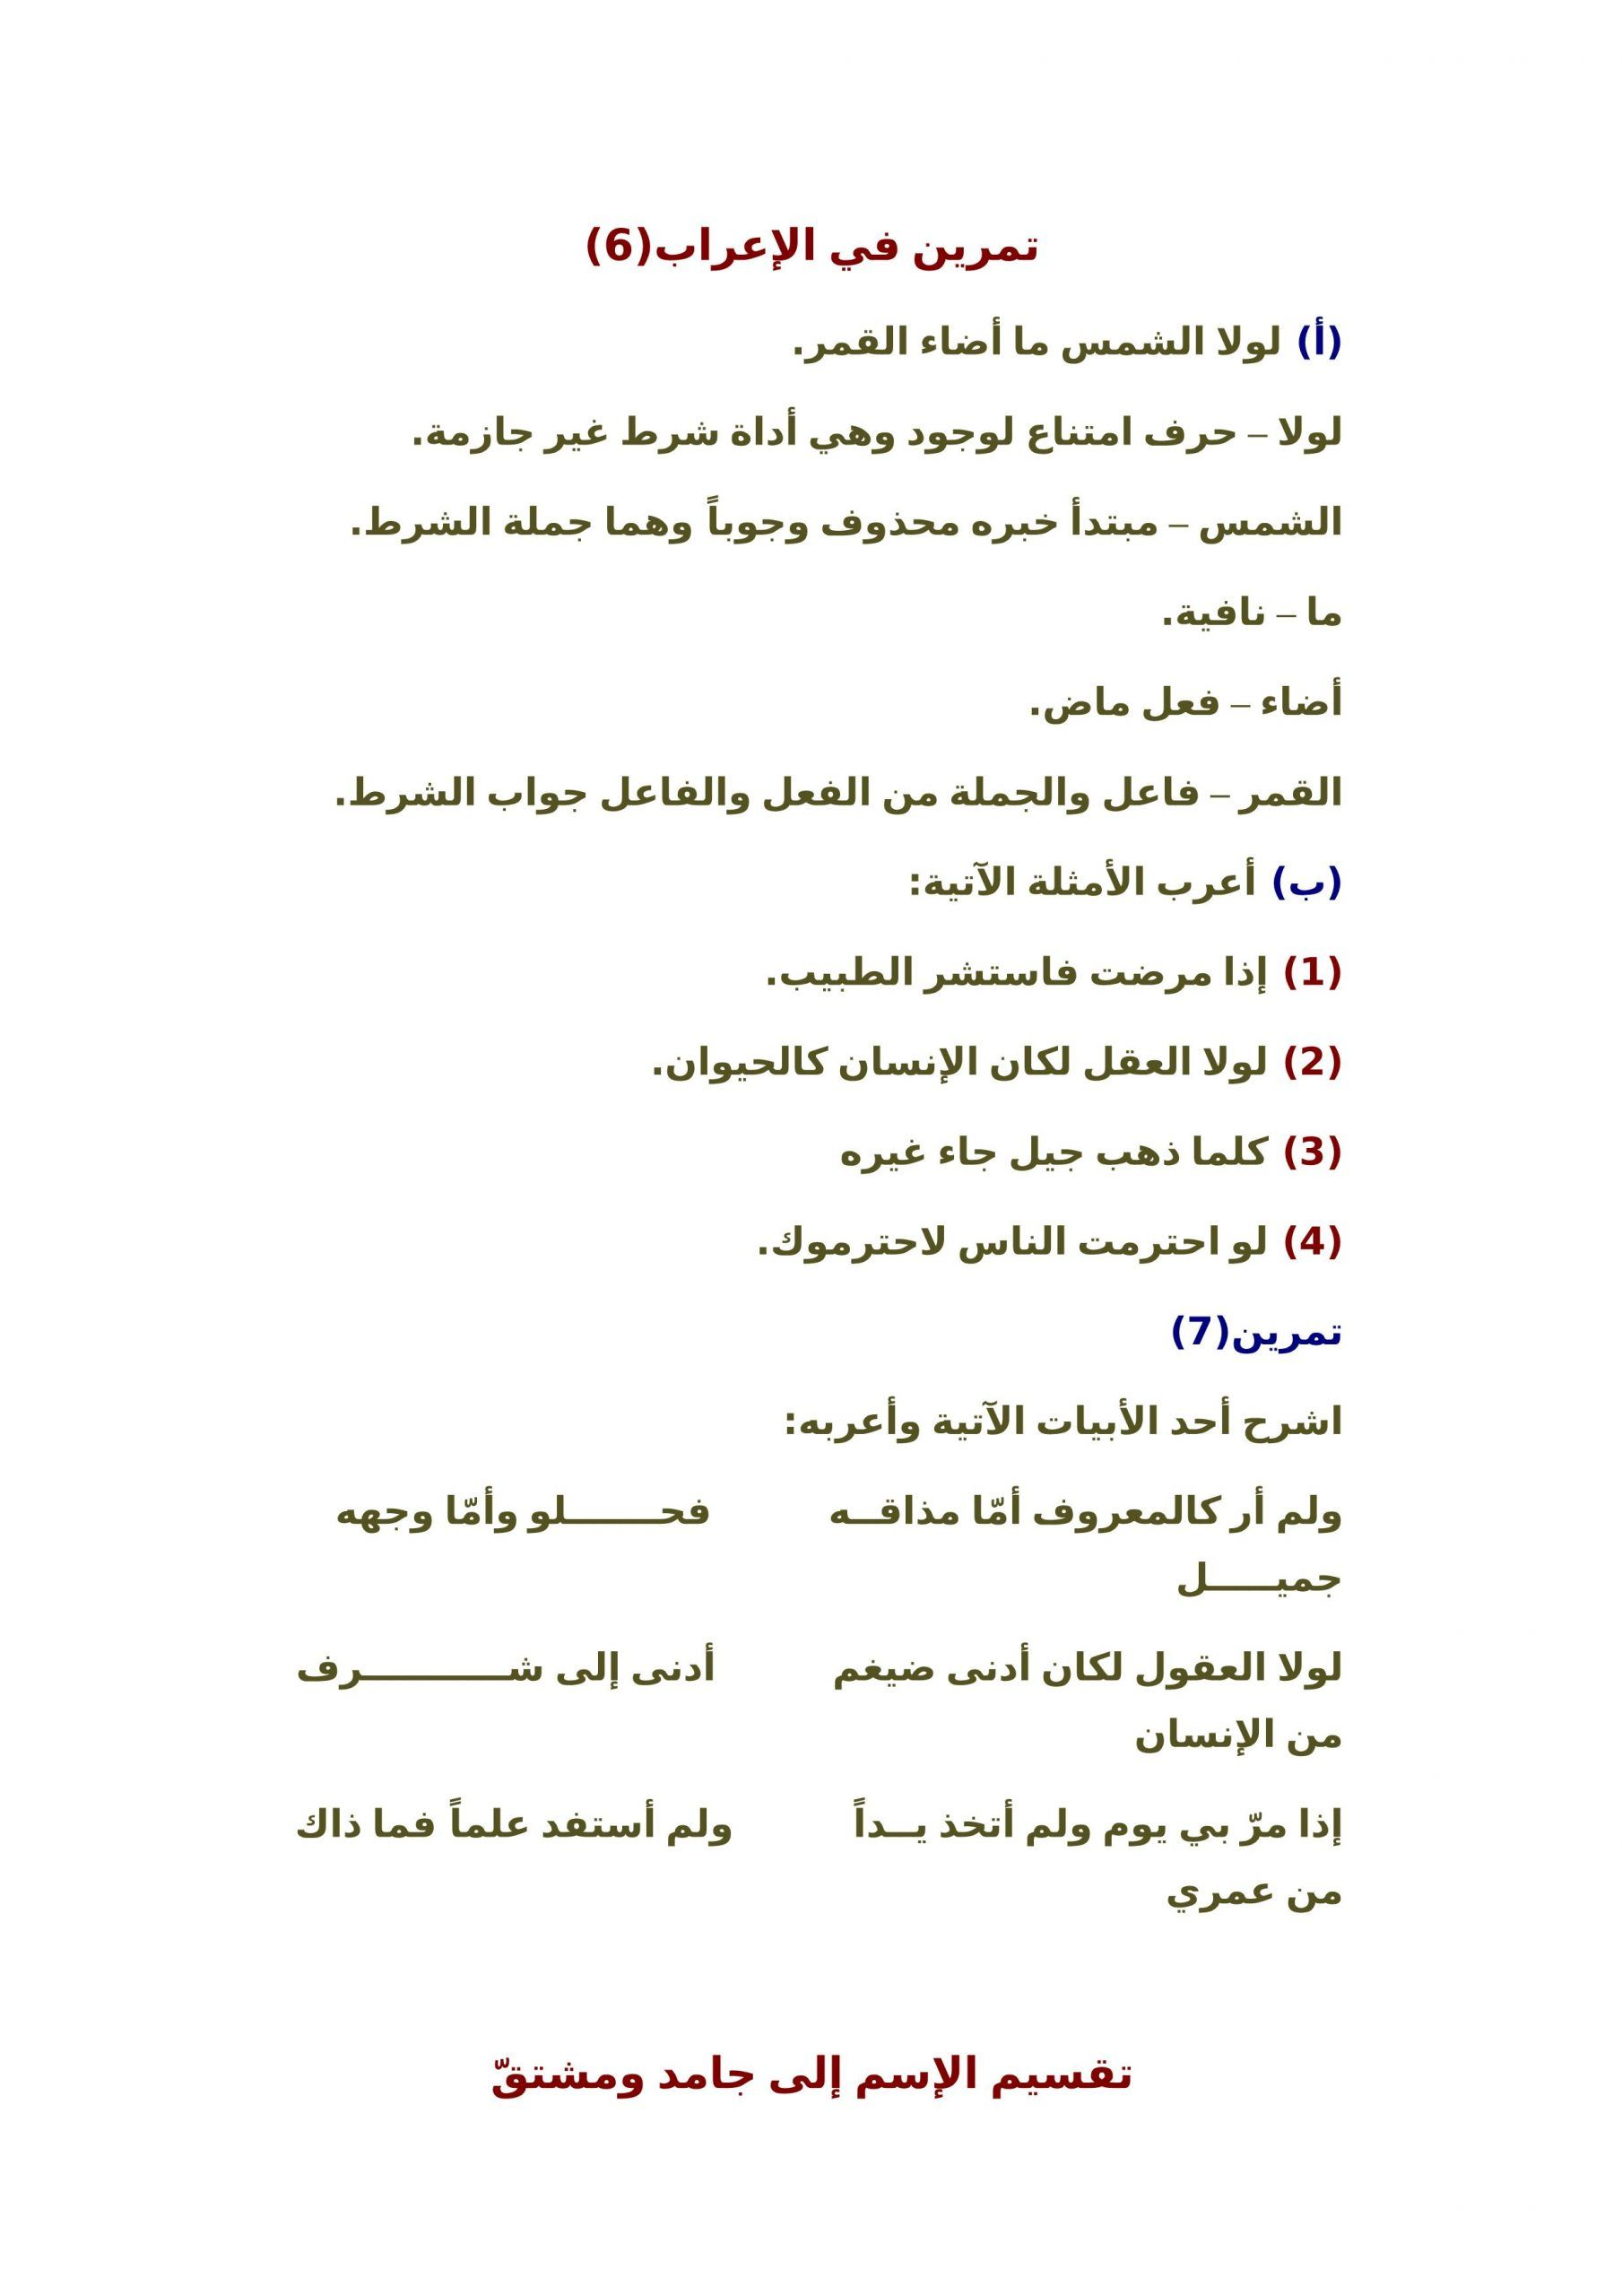 اوراق عمل تمارين في الاعراب مع الاجابات للصف الثامن مادة اللغة العربية